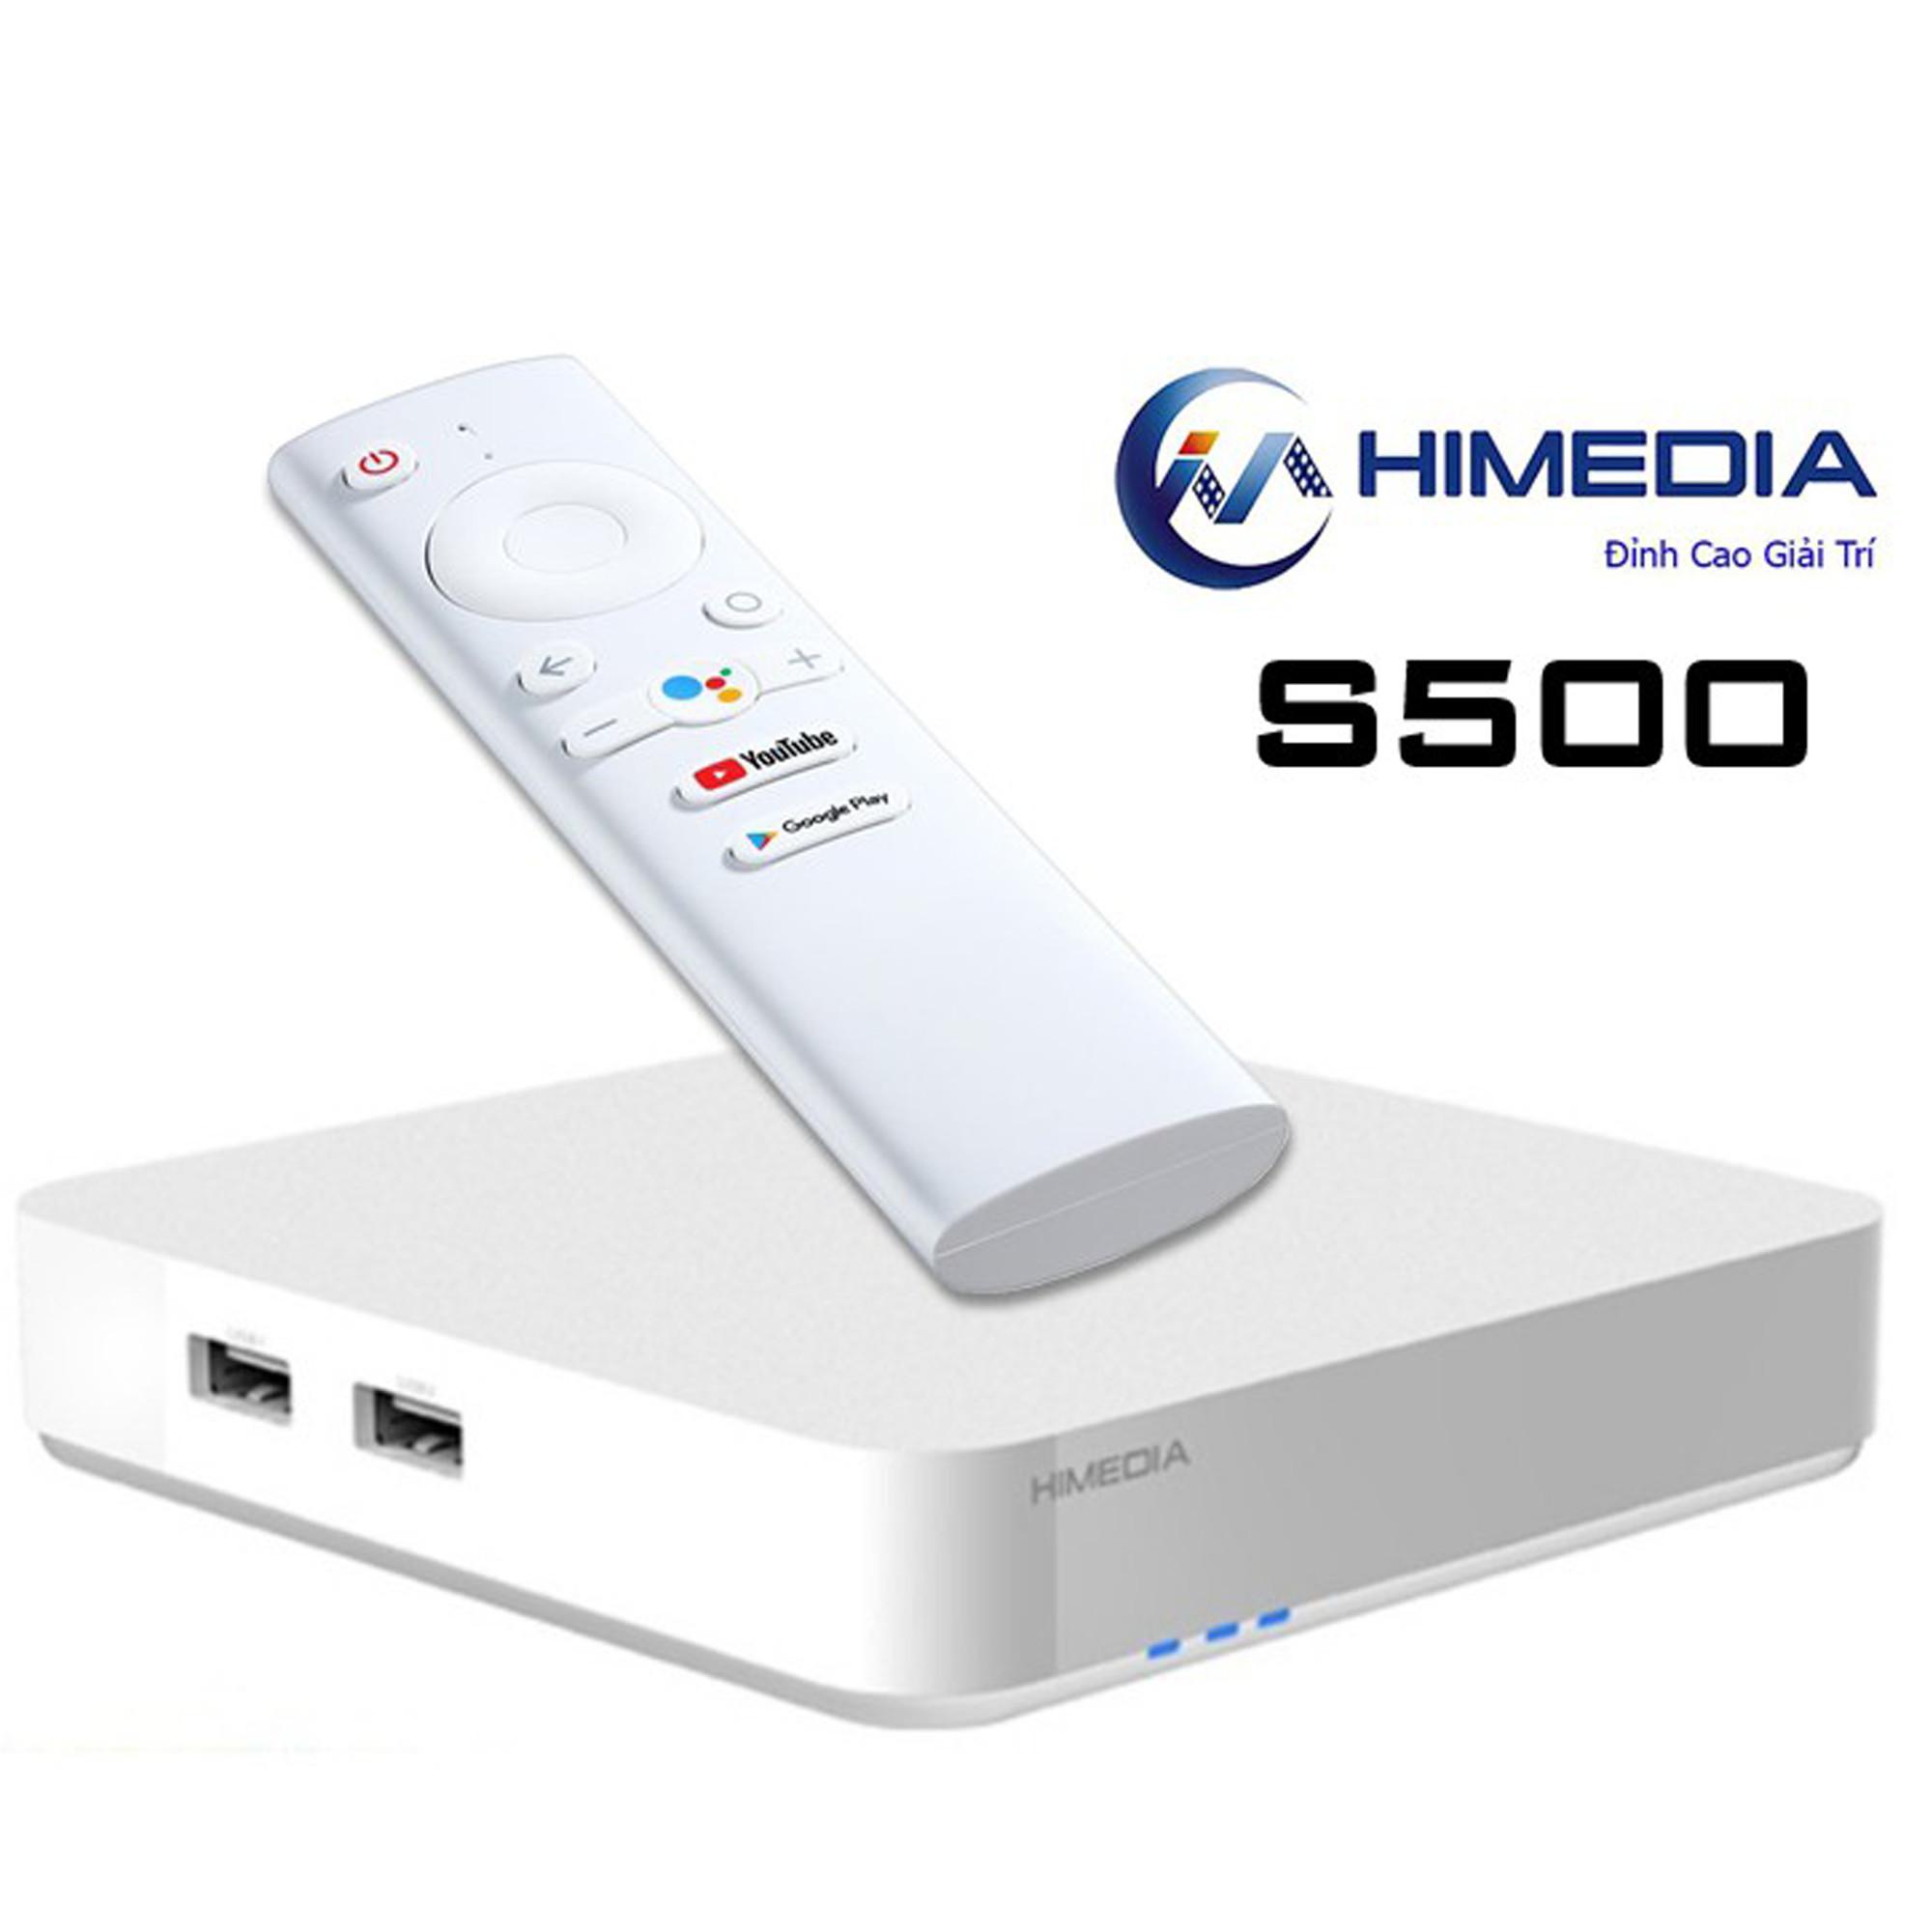 Android Tv Box HIMEDIA S500 - Android Chính Chủ Google 9.0, Ram 2G, Có Cổng Quang - Hàng Chính Hãng